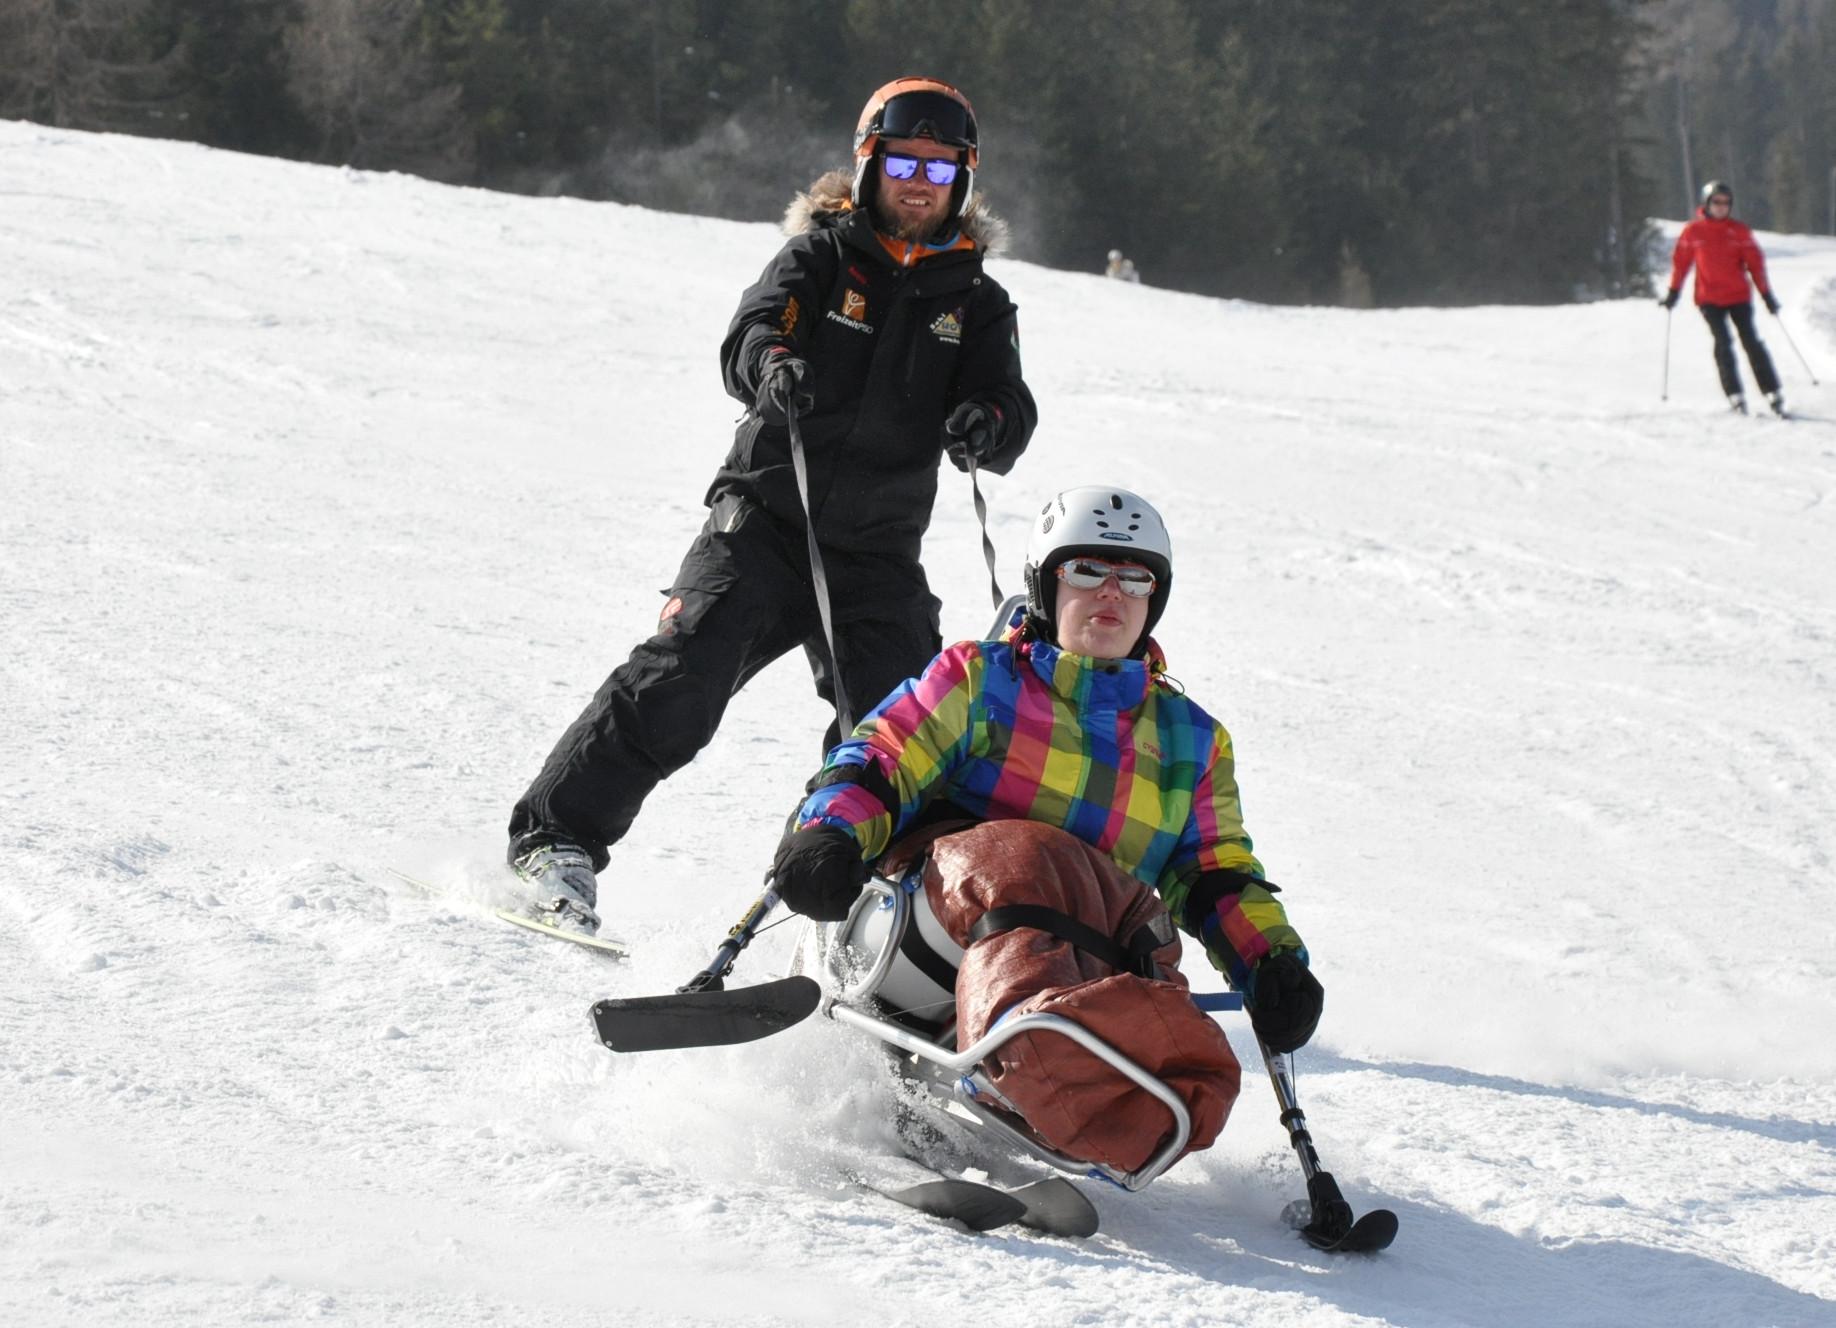 Bi-Ski Bi-Unique